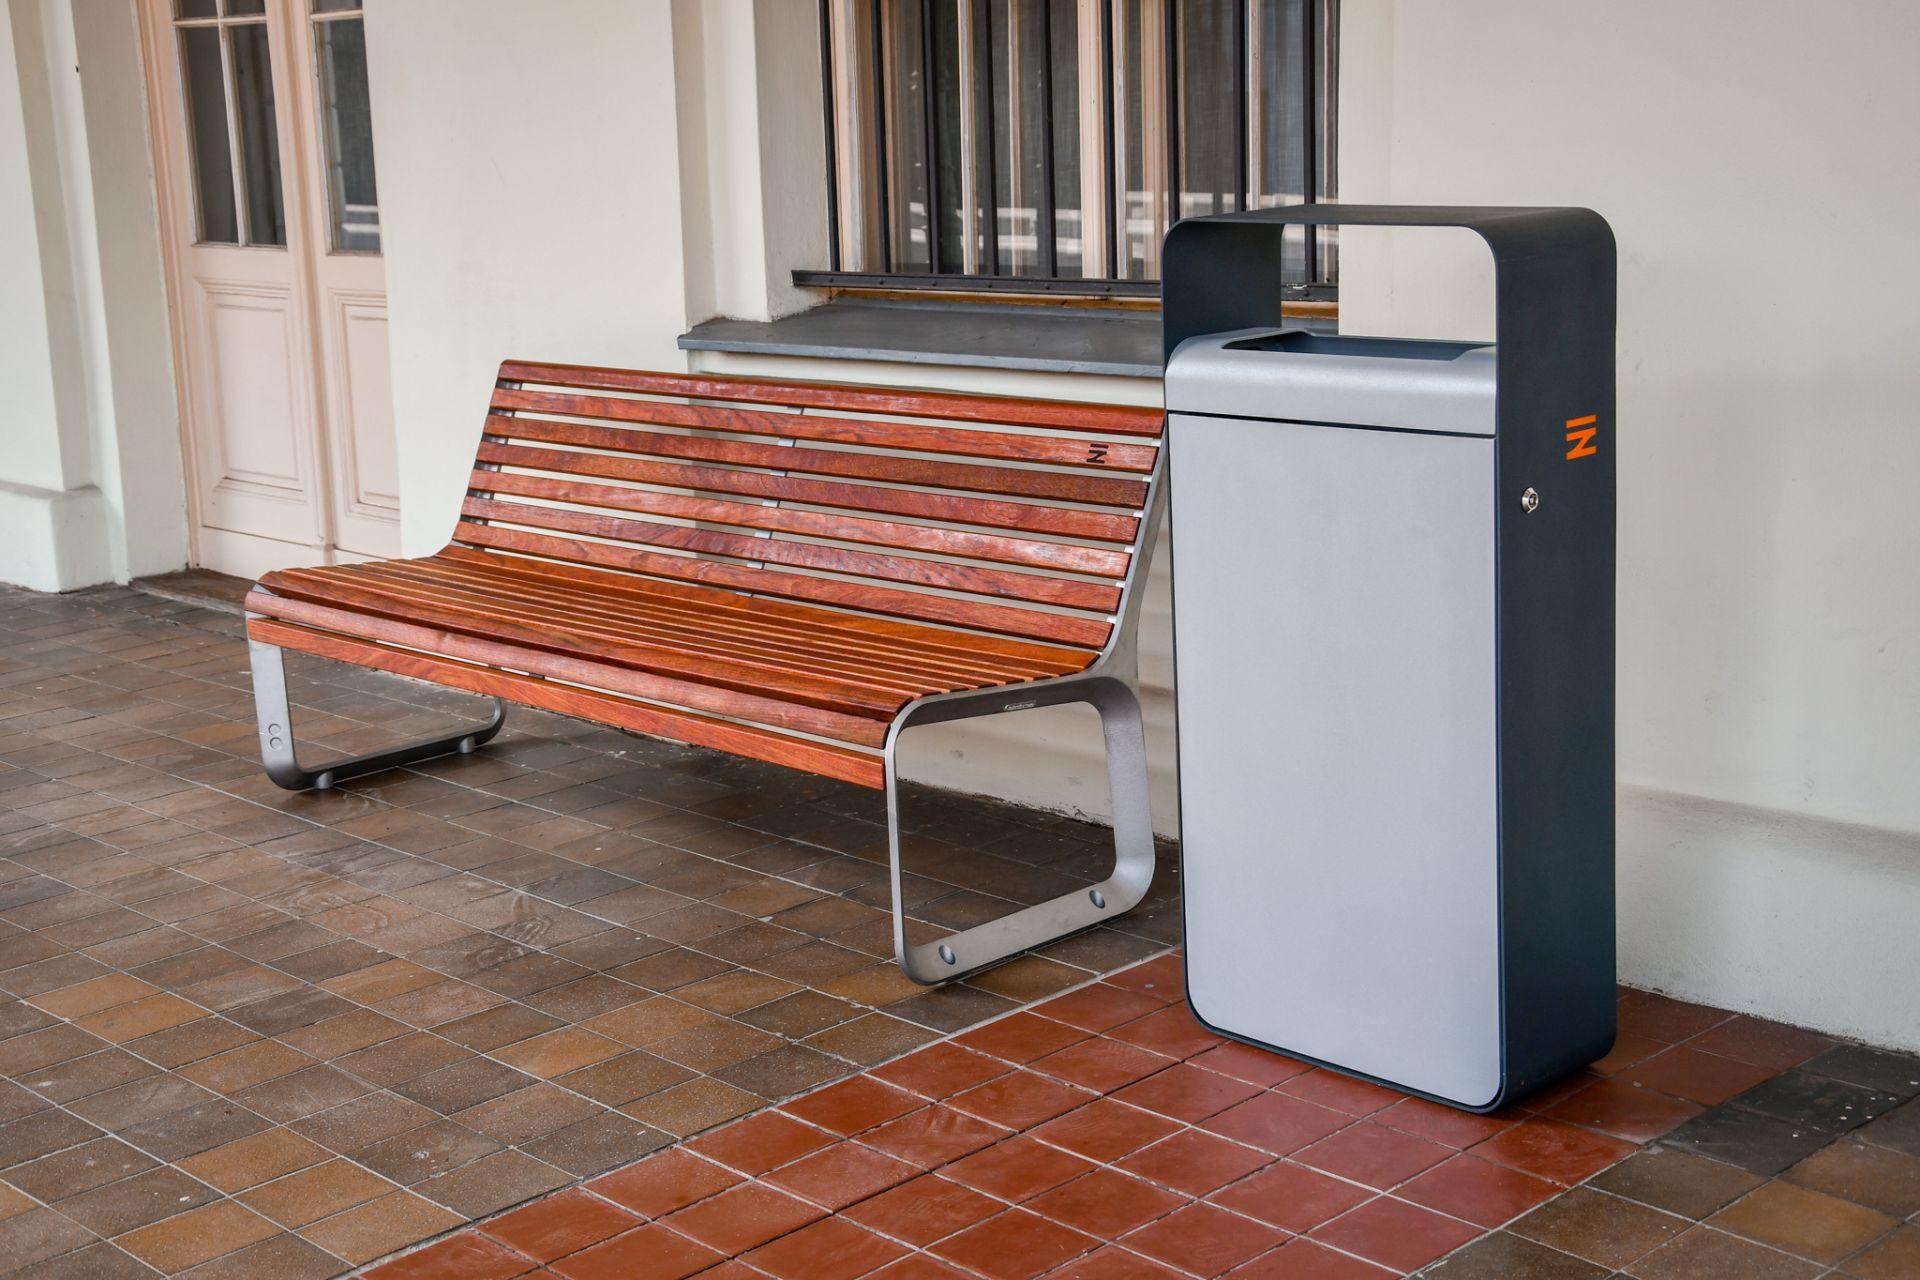 Nový mobiliář pro nádraží. Pramen: Správa železnic